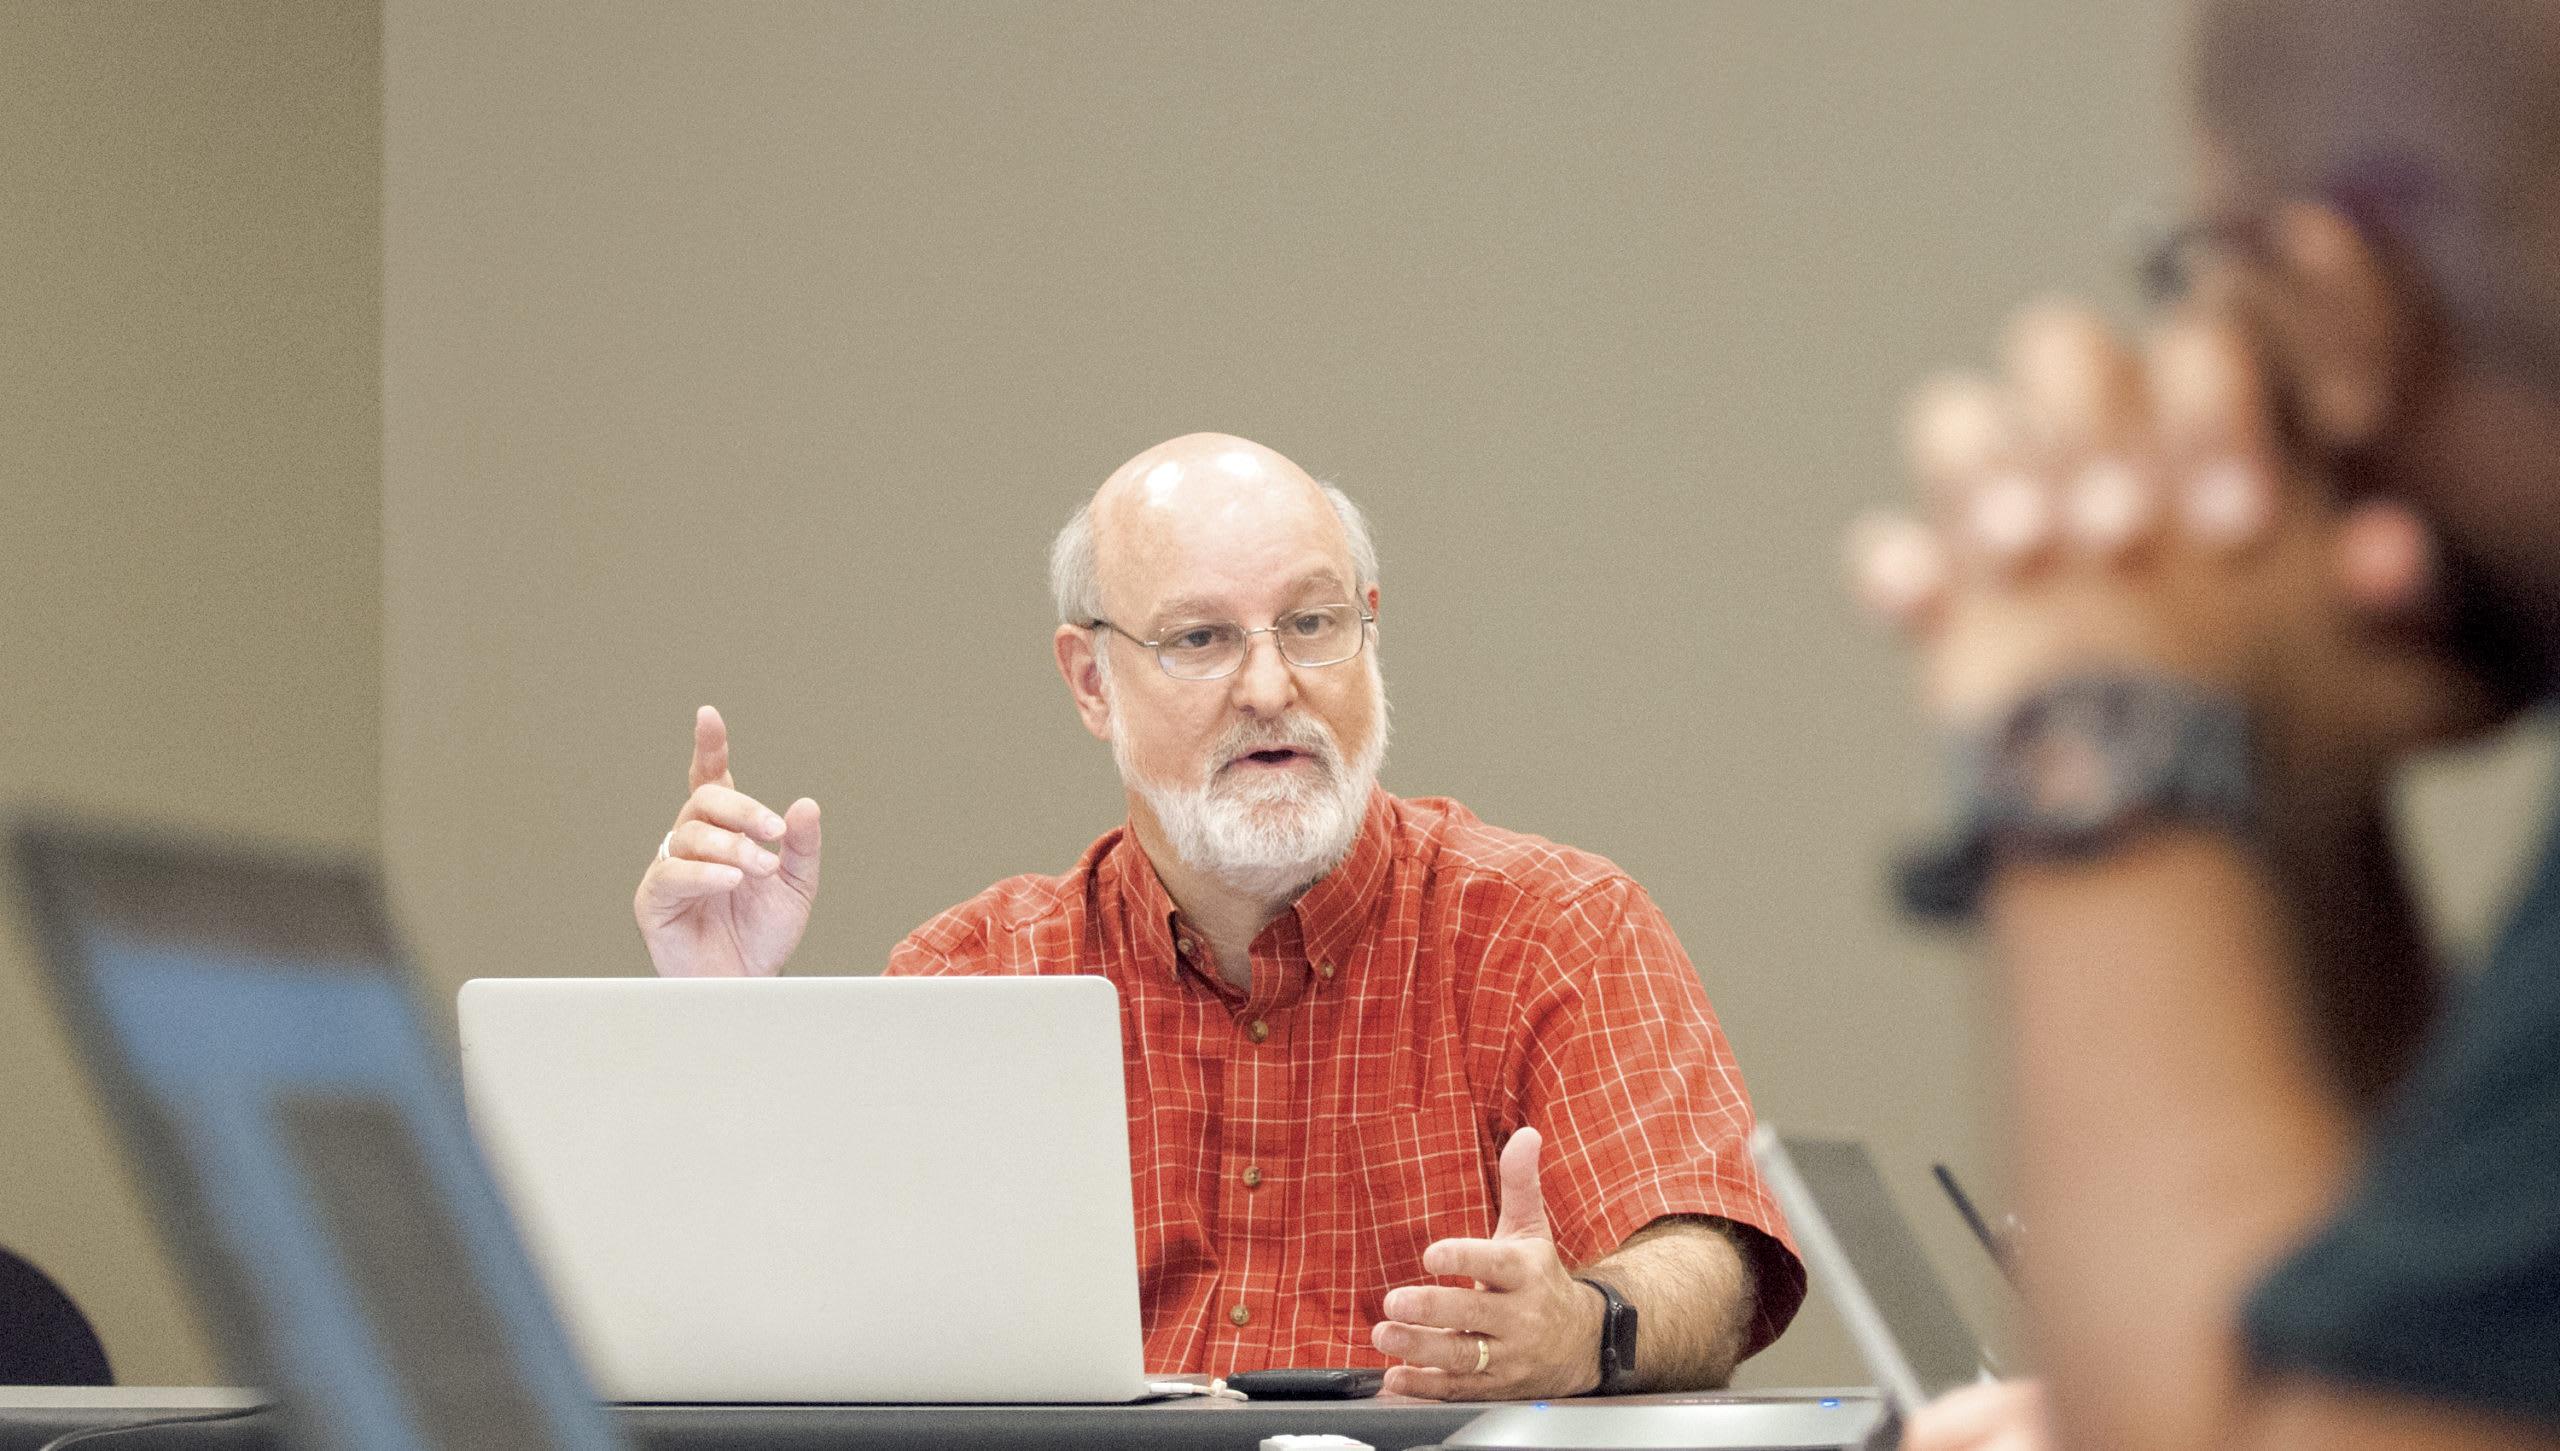 Dr Bock teaching a class